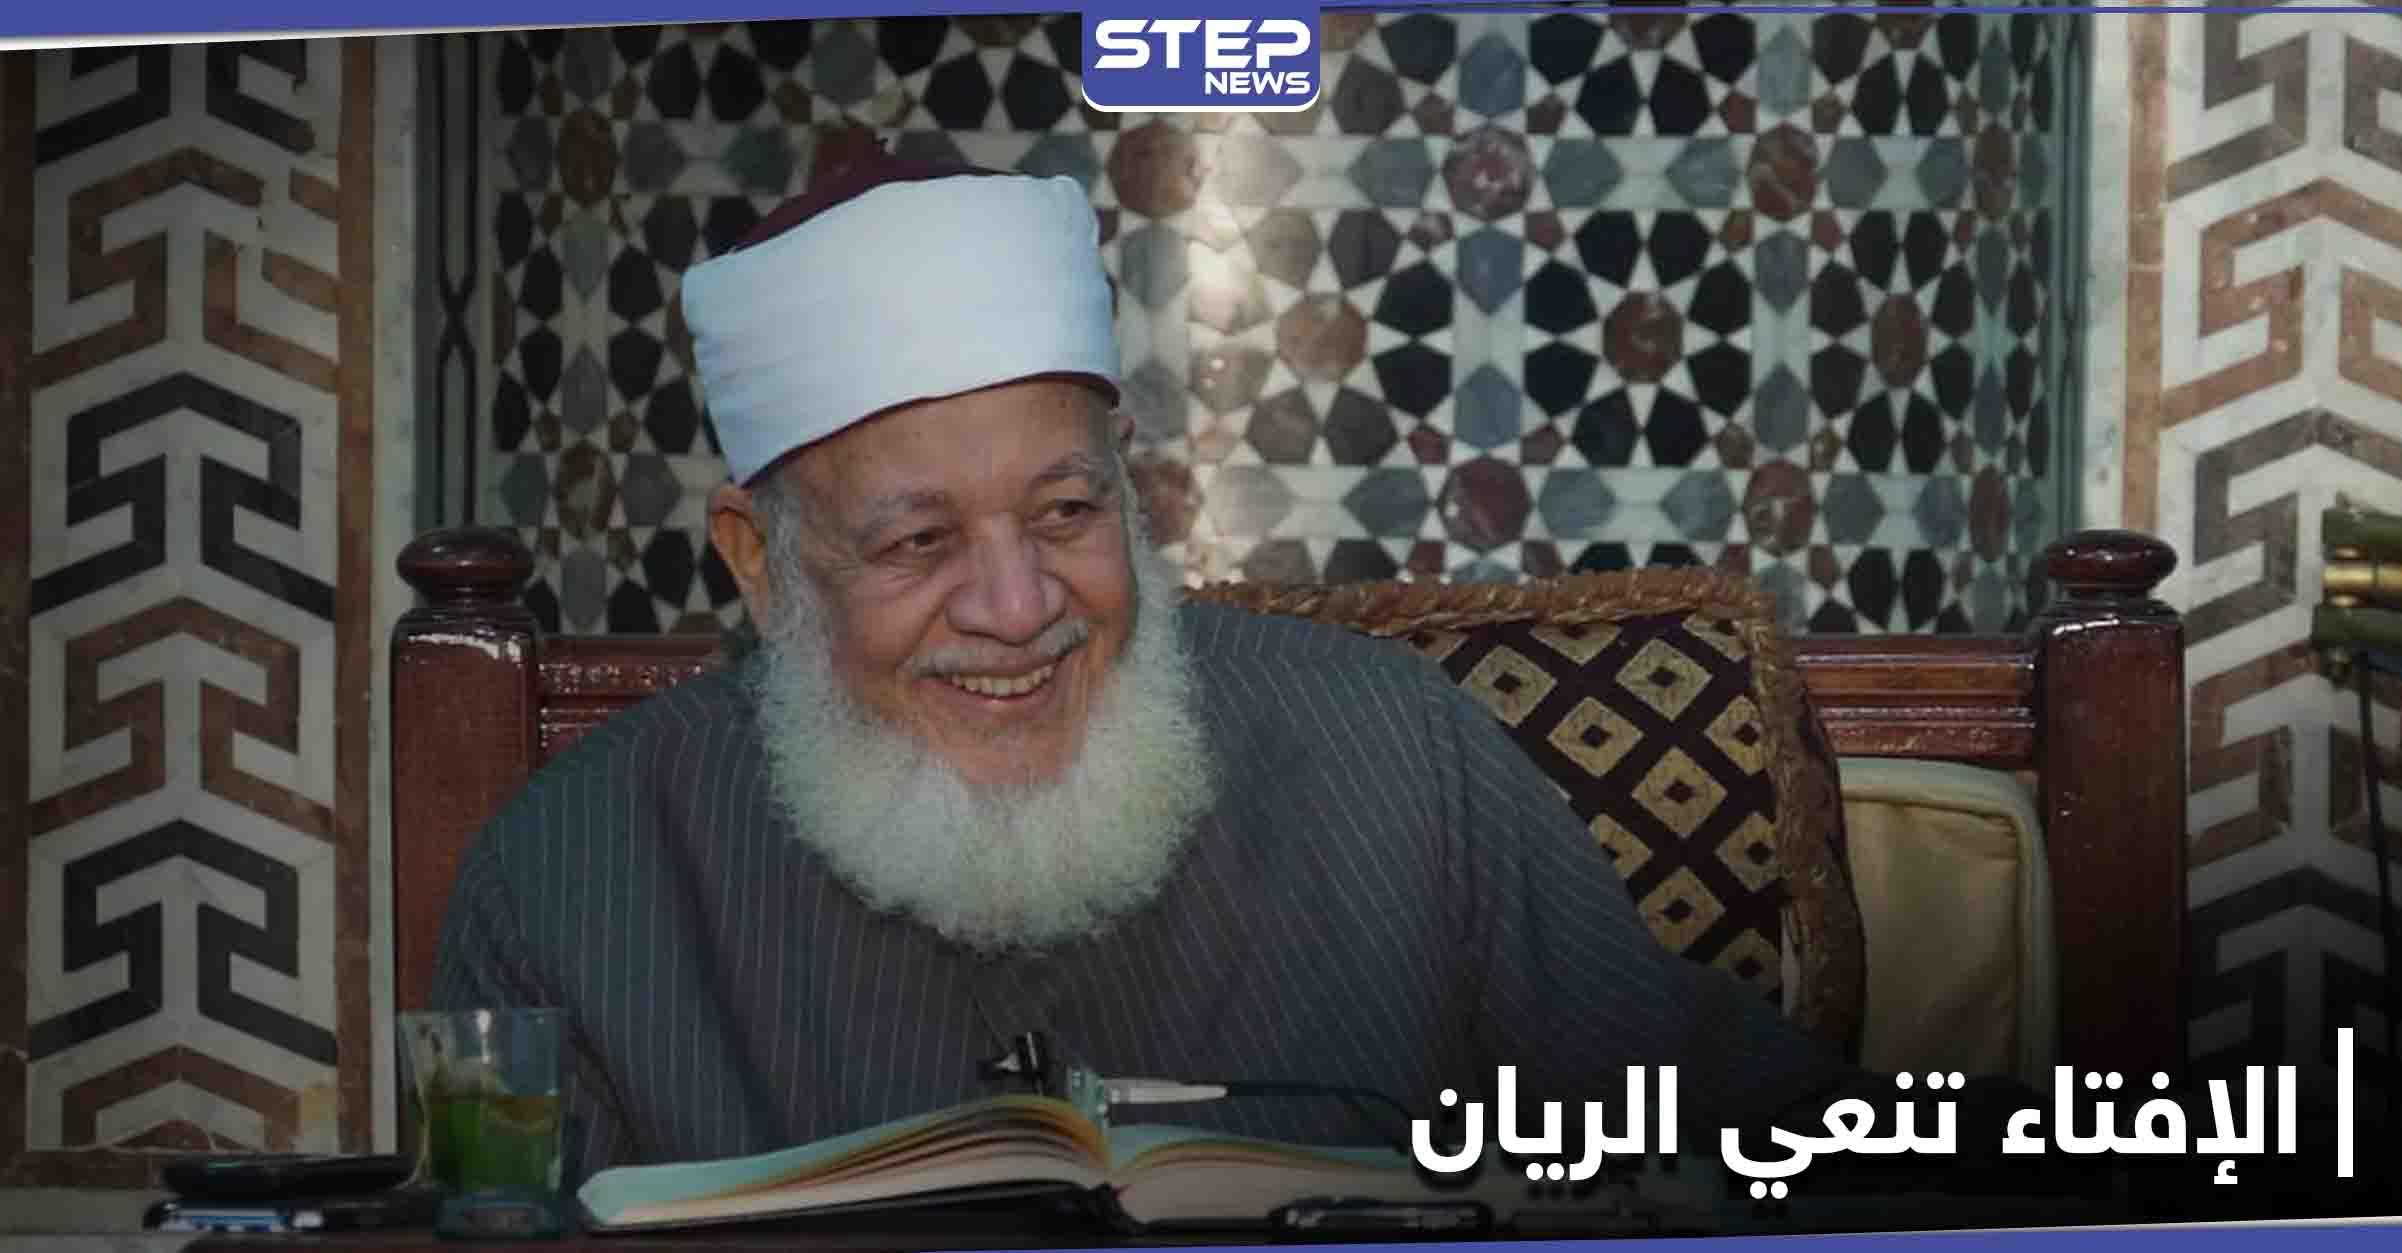 واجه الفكر المتشدد... أمانة الإفتاء العالمية تنعي الدكتور أحمد طه ريان